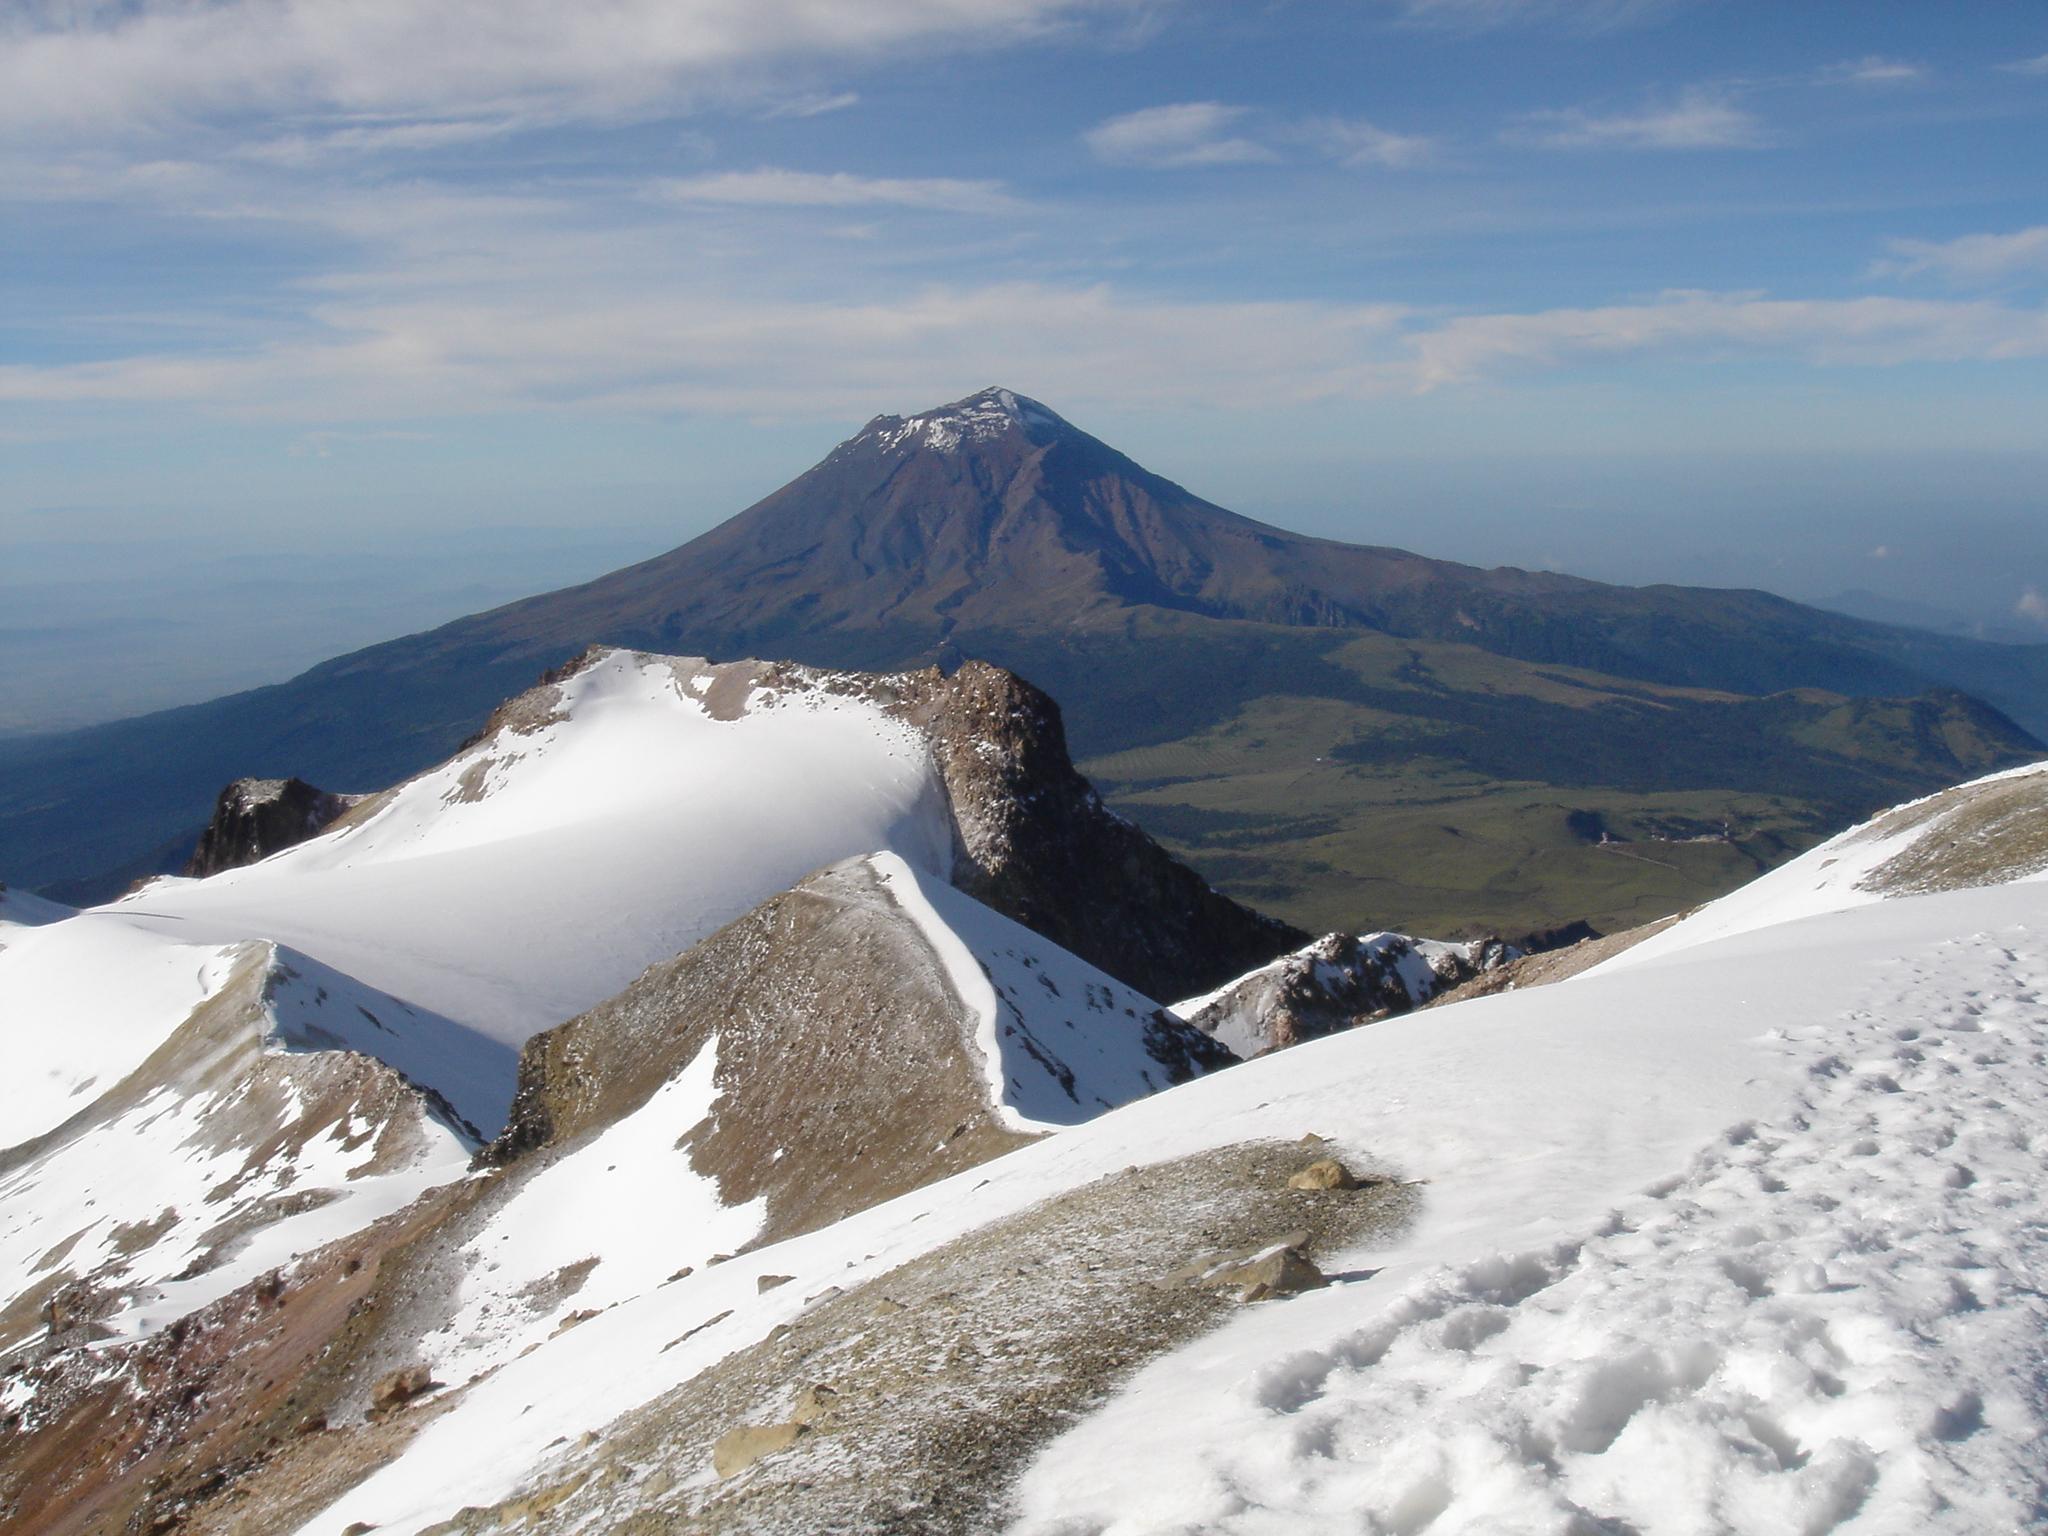 Vista del Volcán Popocatépetl desde el Iztaccíhuatl